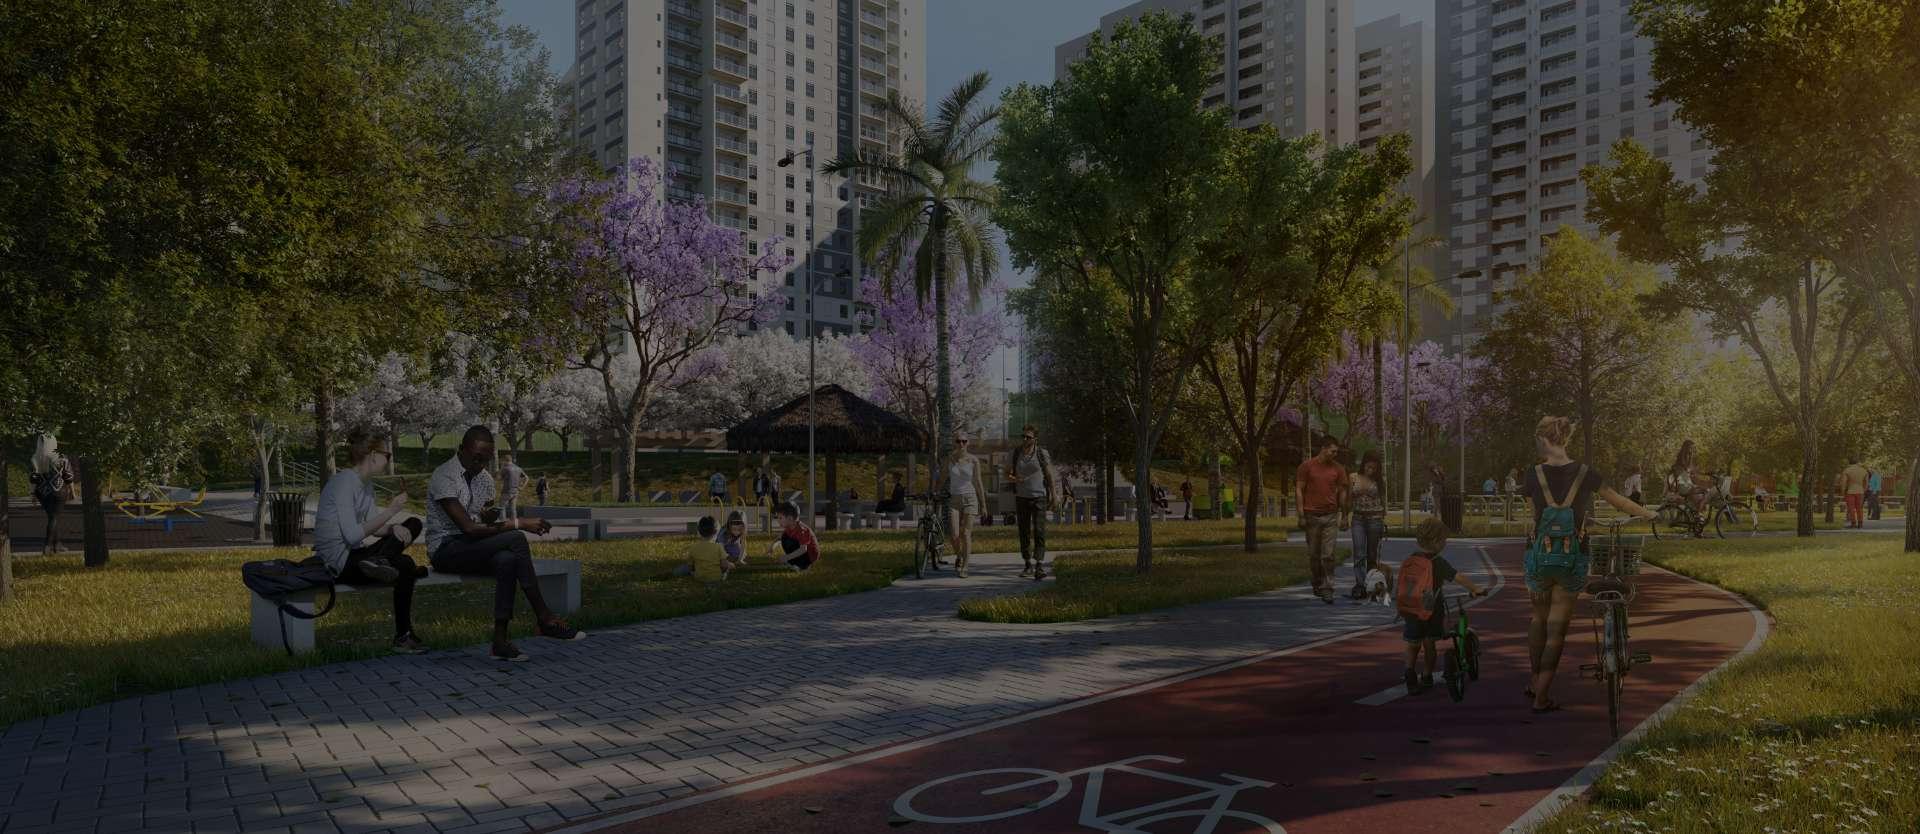 Imagem de ciclovia com árvores no fundo e pessoas caminhando